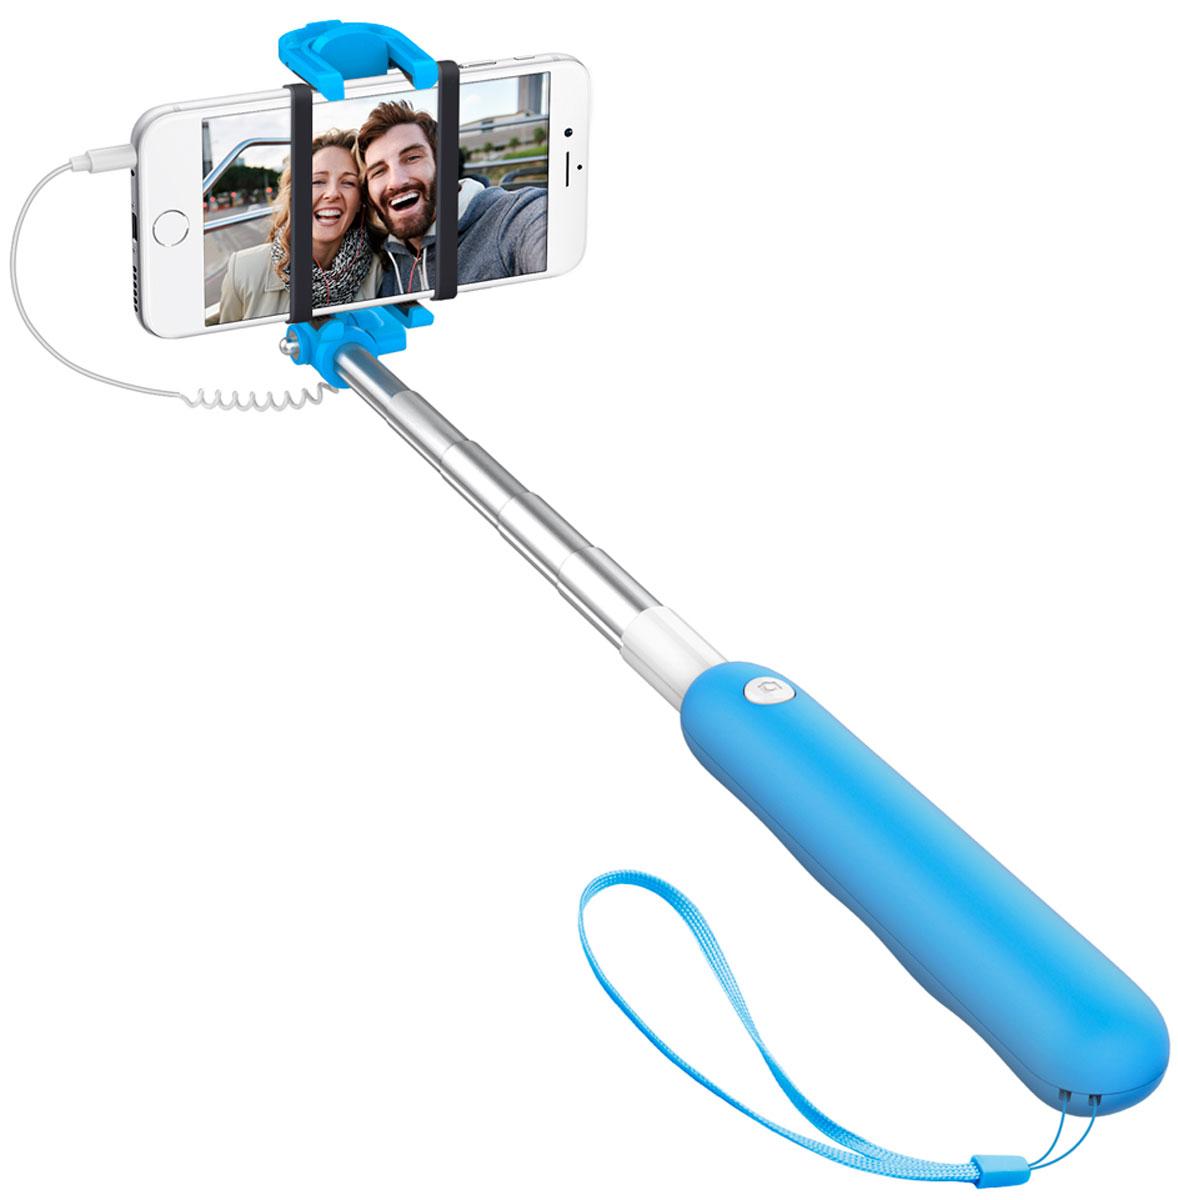 Deppa монопод для селфи, Blue (72 см)45000Deppa- ручной телескопический монопод для проведения фото и видеосъемки с максимальной нагрузкой 1 килограмм. Удобная ручка монопода изготовлена из ABS - пластика с покрытием Soft Touch. Для управления имеется удобно расположенная кнопка на рукоятке. Подключается к смартфону через разъем 3,5 мм.